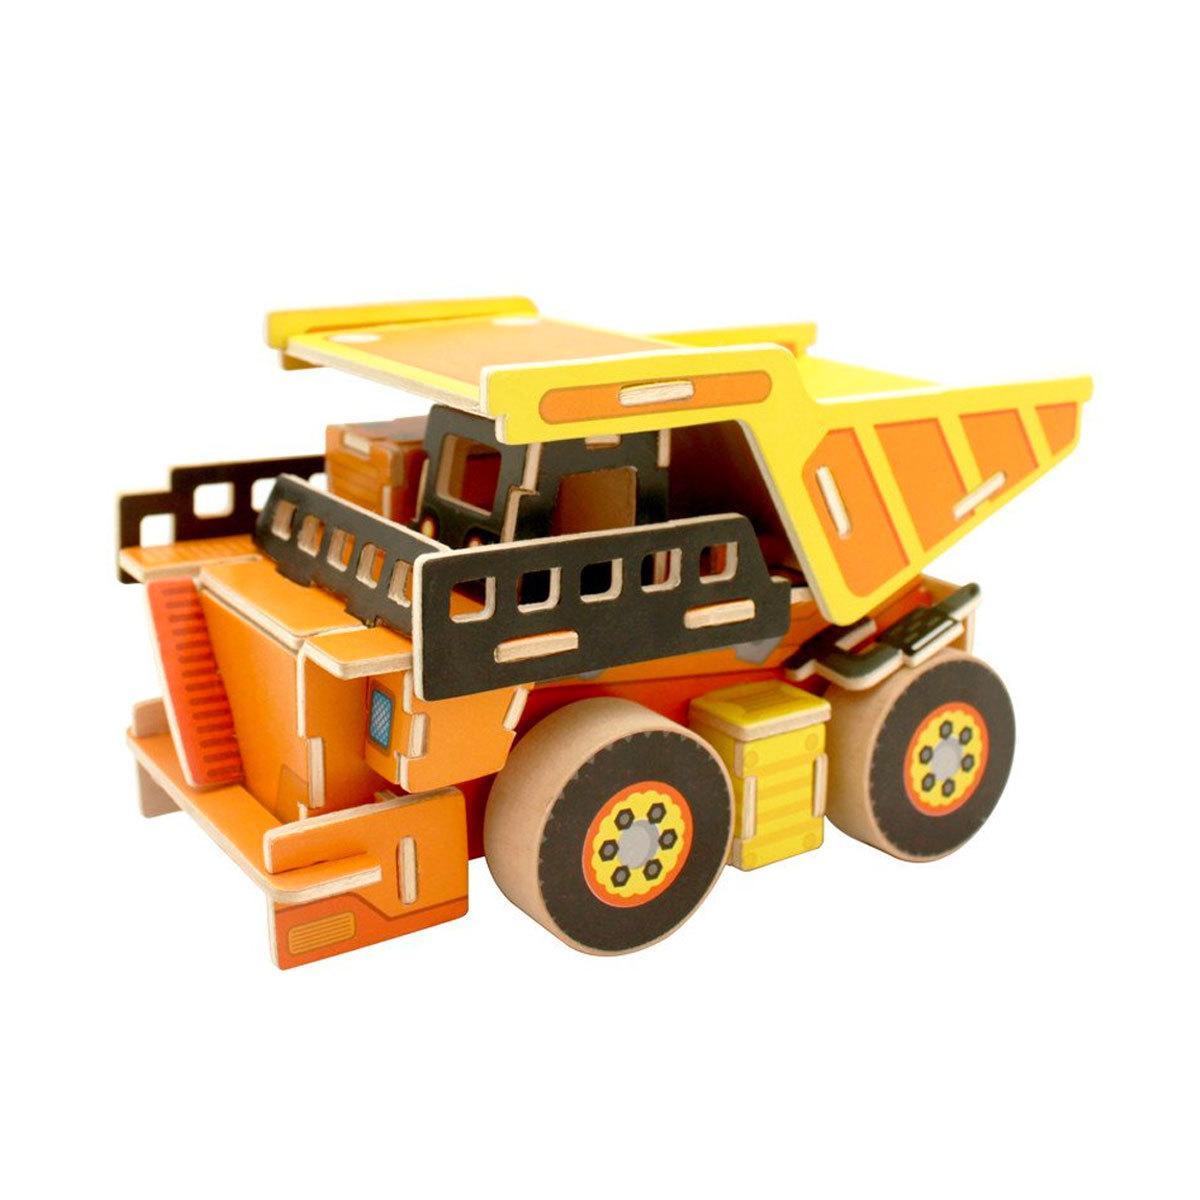 Robotime: Dumper Construction Vehicle image